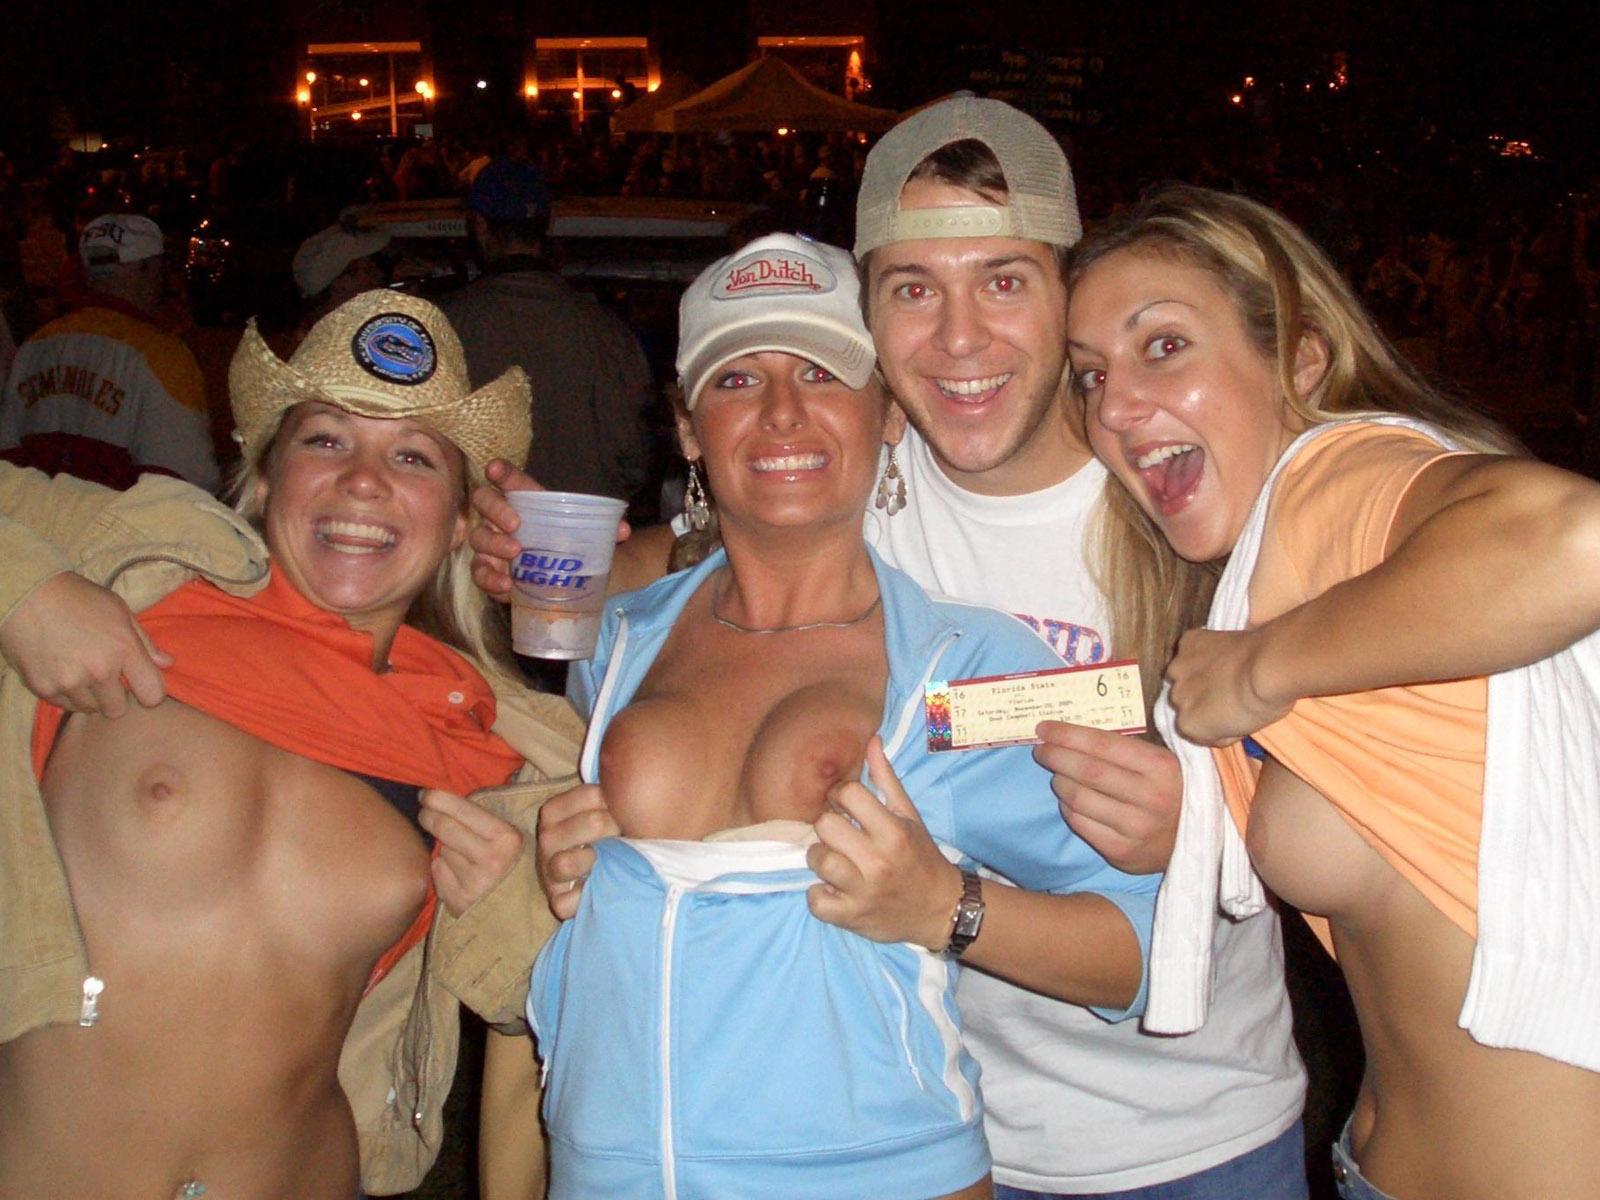 Пьяные и голые на вечеринке, Пьяные вечеринки - смотреть лучшее порно в хорошем 21 фотография